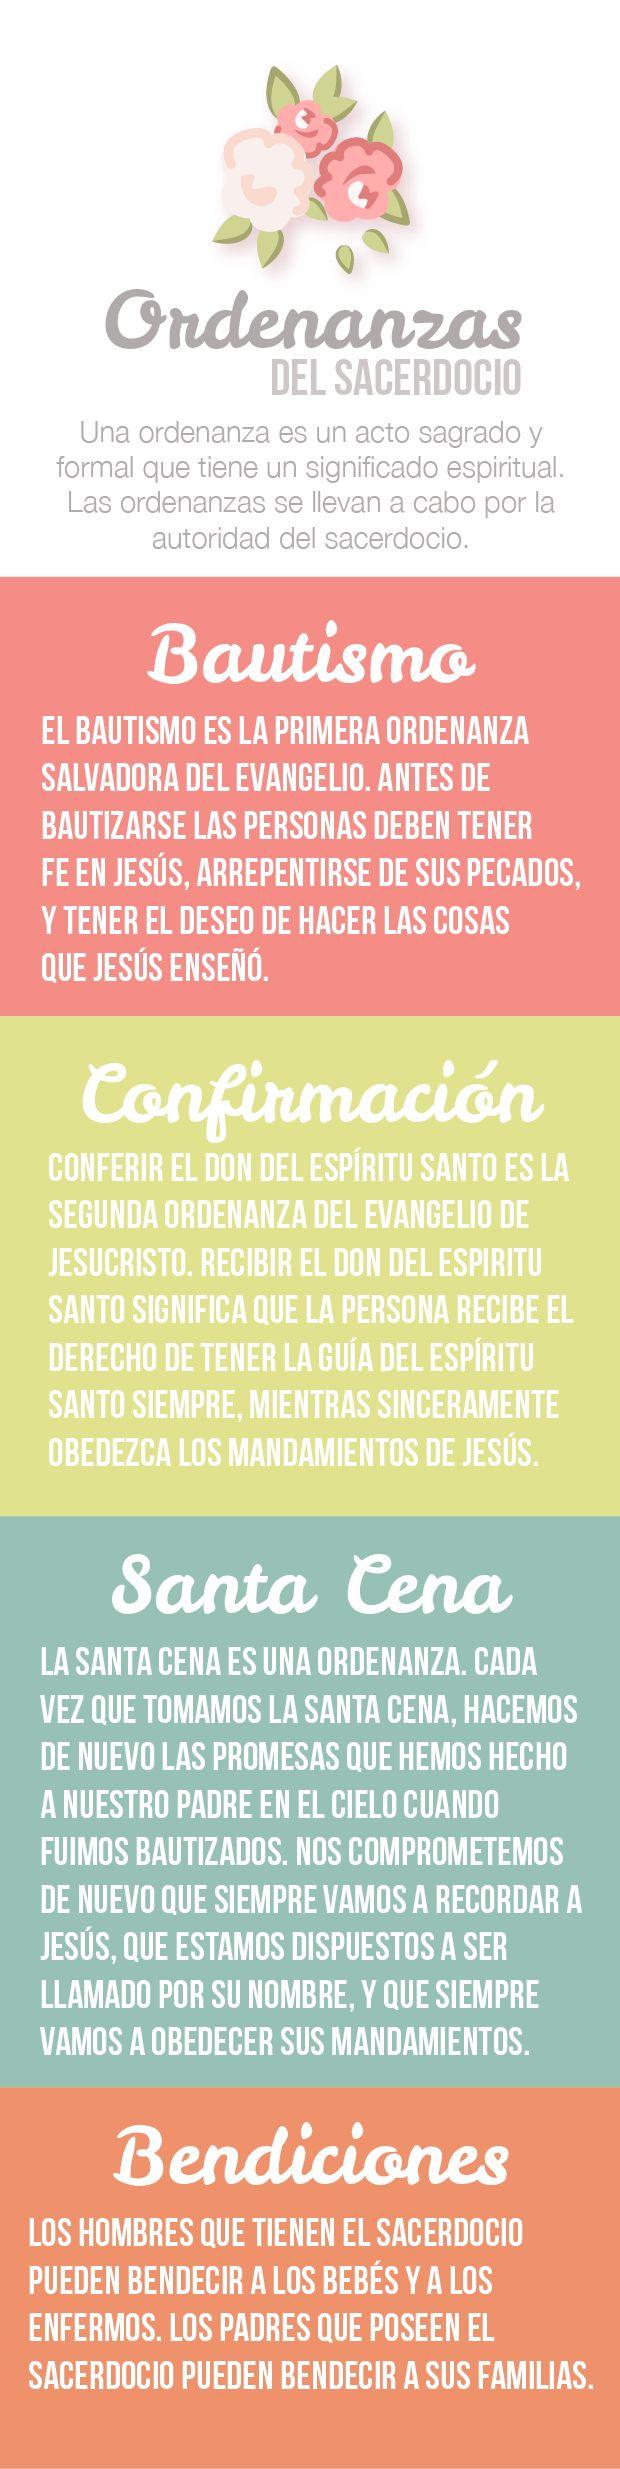 Las Ordenanzas del Sacerdocio - Conexion SUD